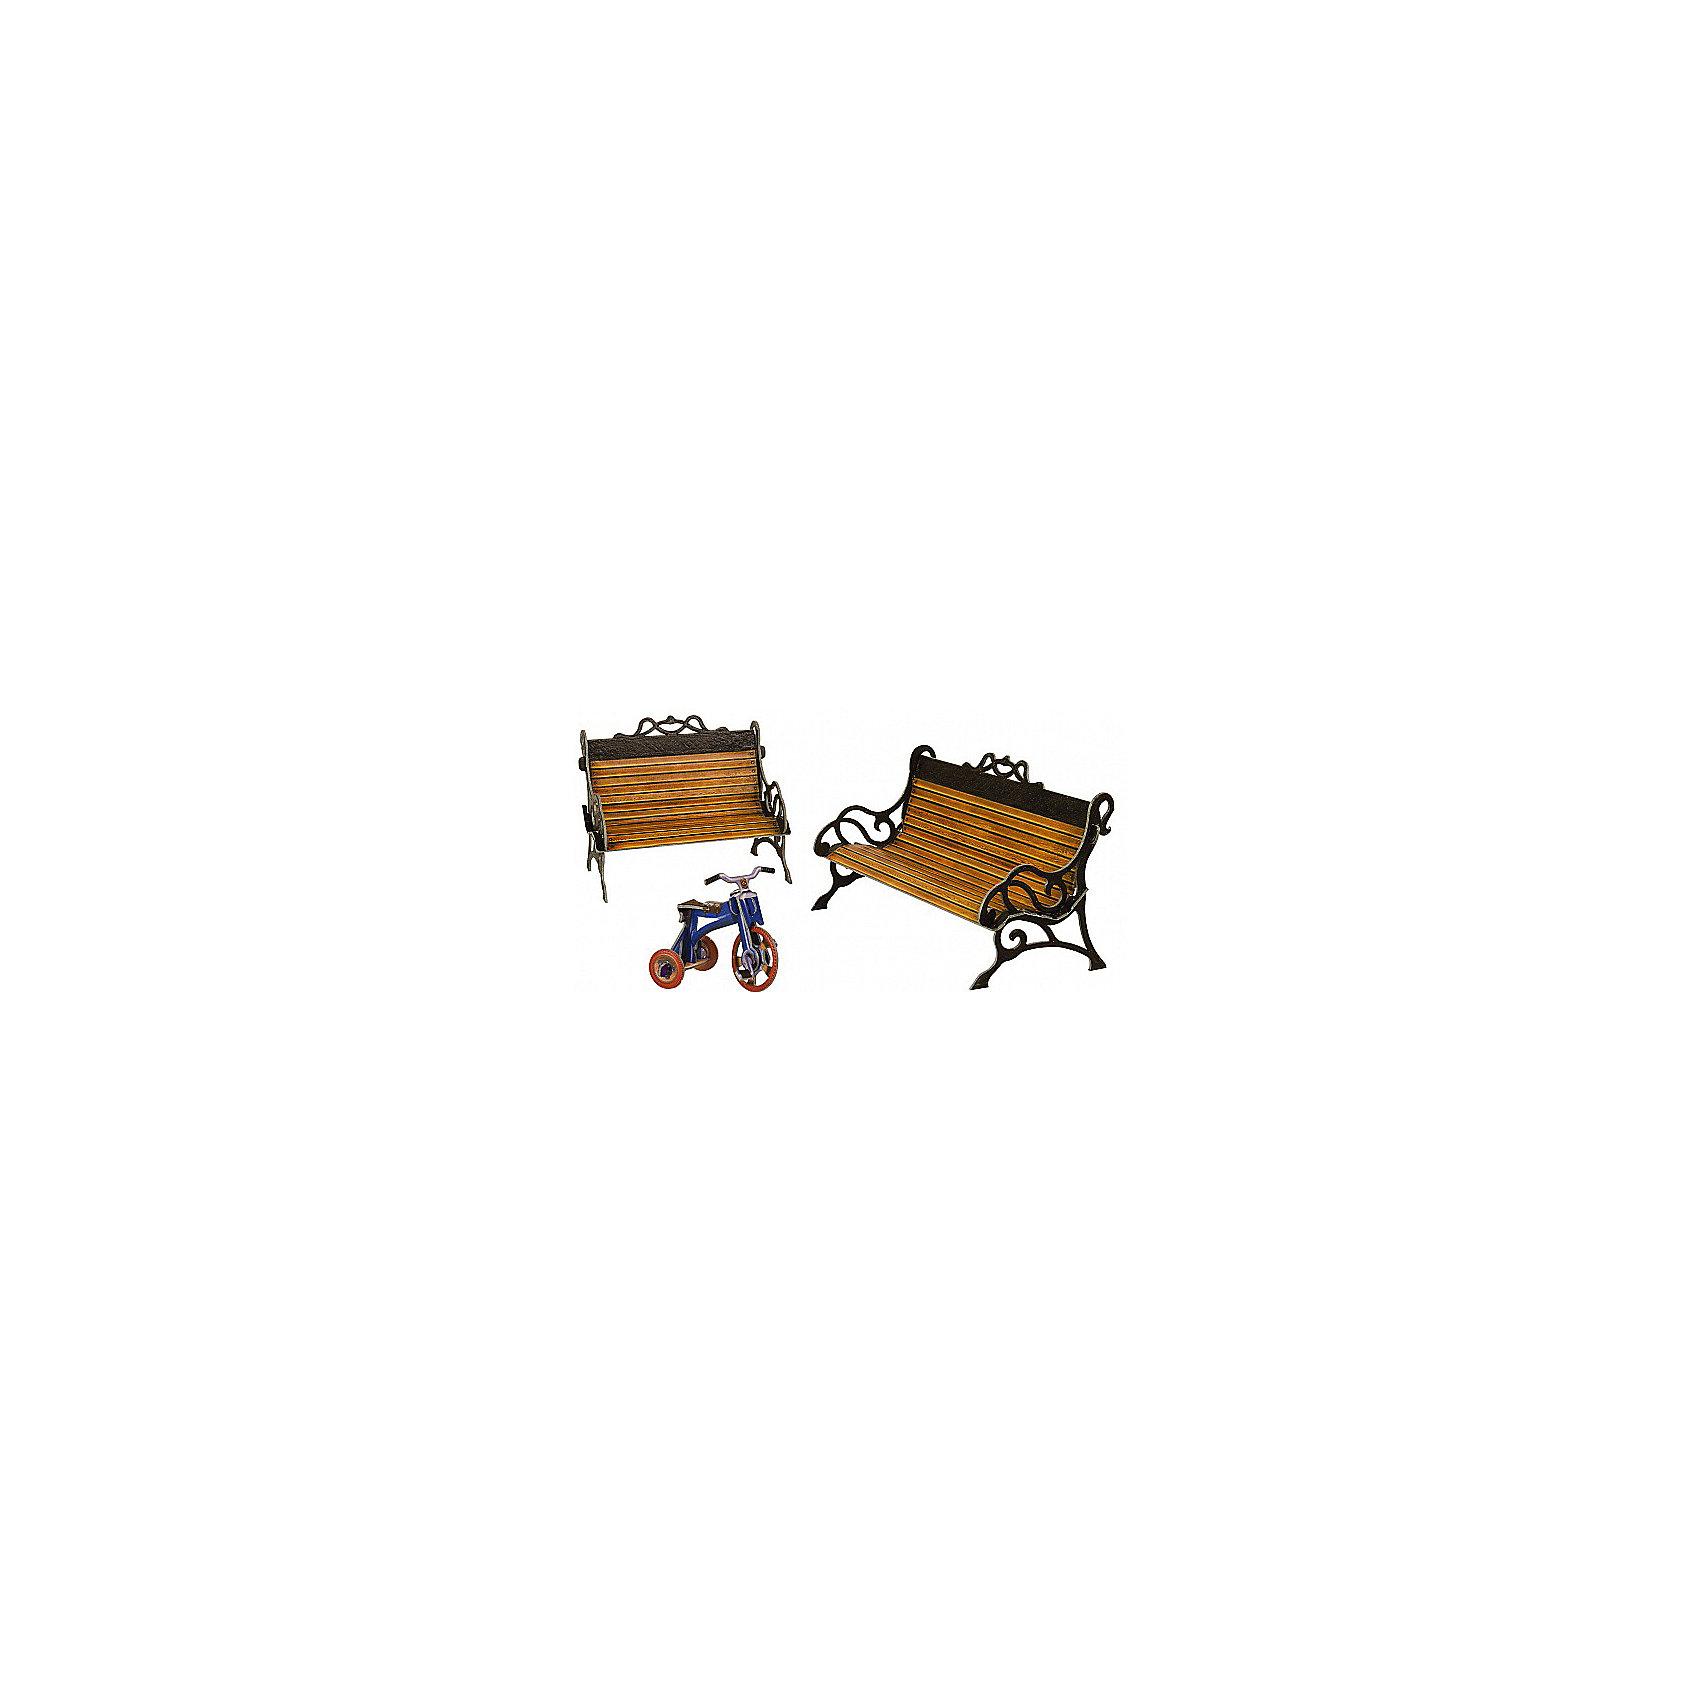 Сборная модель СкамейкиСкамейки - Сюжетный игровой набор из плотного картона. Серия: Кукольный дом и мебель. Количество деталей, шт: 17. Размер в собранном виде, см: Скамья - 16 х 9 х 7,5. Скамья - 11 х 9 х 7,5. Велосипед - 7,5 х 5 х 5. Размер упаковки, мм.:  высота 250 ширина 175 глубина 3. Тип упаковки: Пакет ПП с подвесом. Вес, гр.: 95. Возраст: от 7 лет. Все модели и игрушки, созданные по технологии УМНАЯ БУМАГА собираются без ножниц и клея, что является их неповторимой особенностью.<br>Принцип соединения деталей запатентован. Соединения деталей продуманы и просчитаны с такой точностью, что при правильной сборке с моделью можно играть, как с обычной игрушкой.<br><br>Ширина мм: 175<br>Глубина мм: 3<br>Высота мм: 250<br>Вес г: 95<br>Возраст от месяцев: 36<br>Возраст до месяцев: 2147483647<br>Пол: Унисекс<br>Возраст: Детский<br>SKU: 4807469